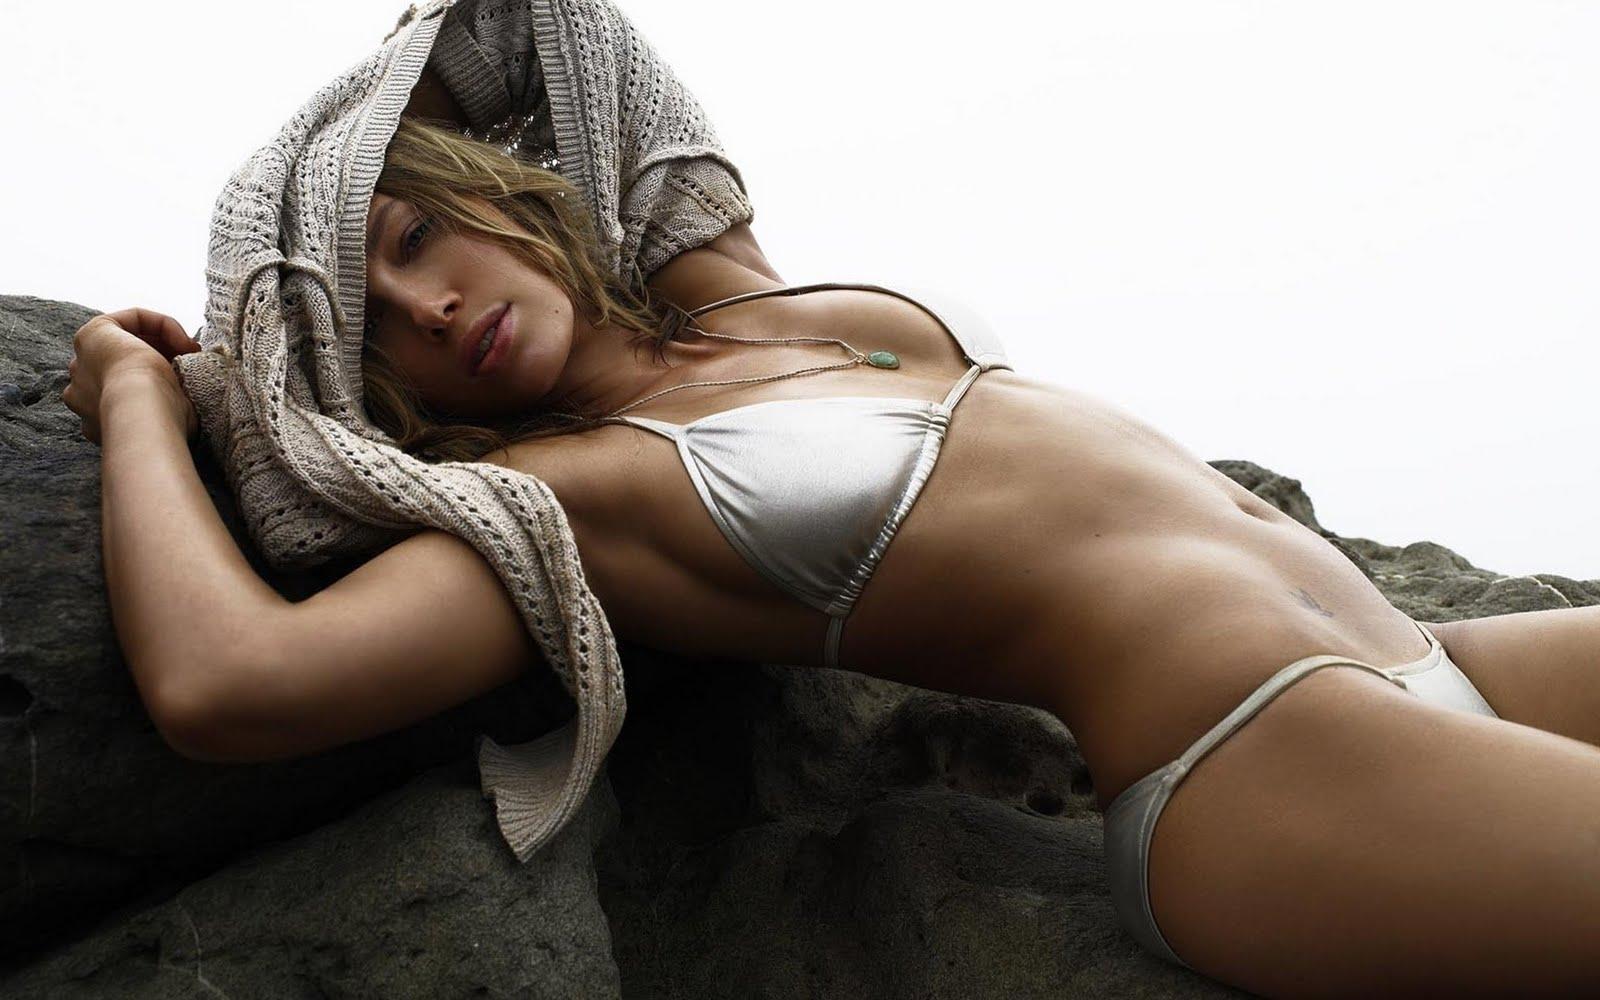 http://2.bp.blogspot.com/_IwRqx_H611g/TRqVsiePoEI/AAAAAAAAB0M/P8JYkUctp74/s1600/Jessica-Biel-Bikini-1920x1200.jpg